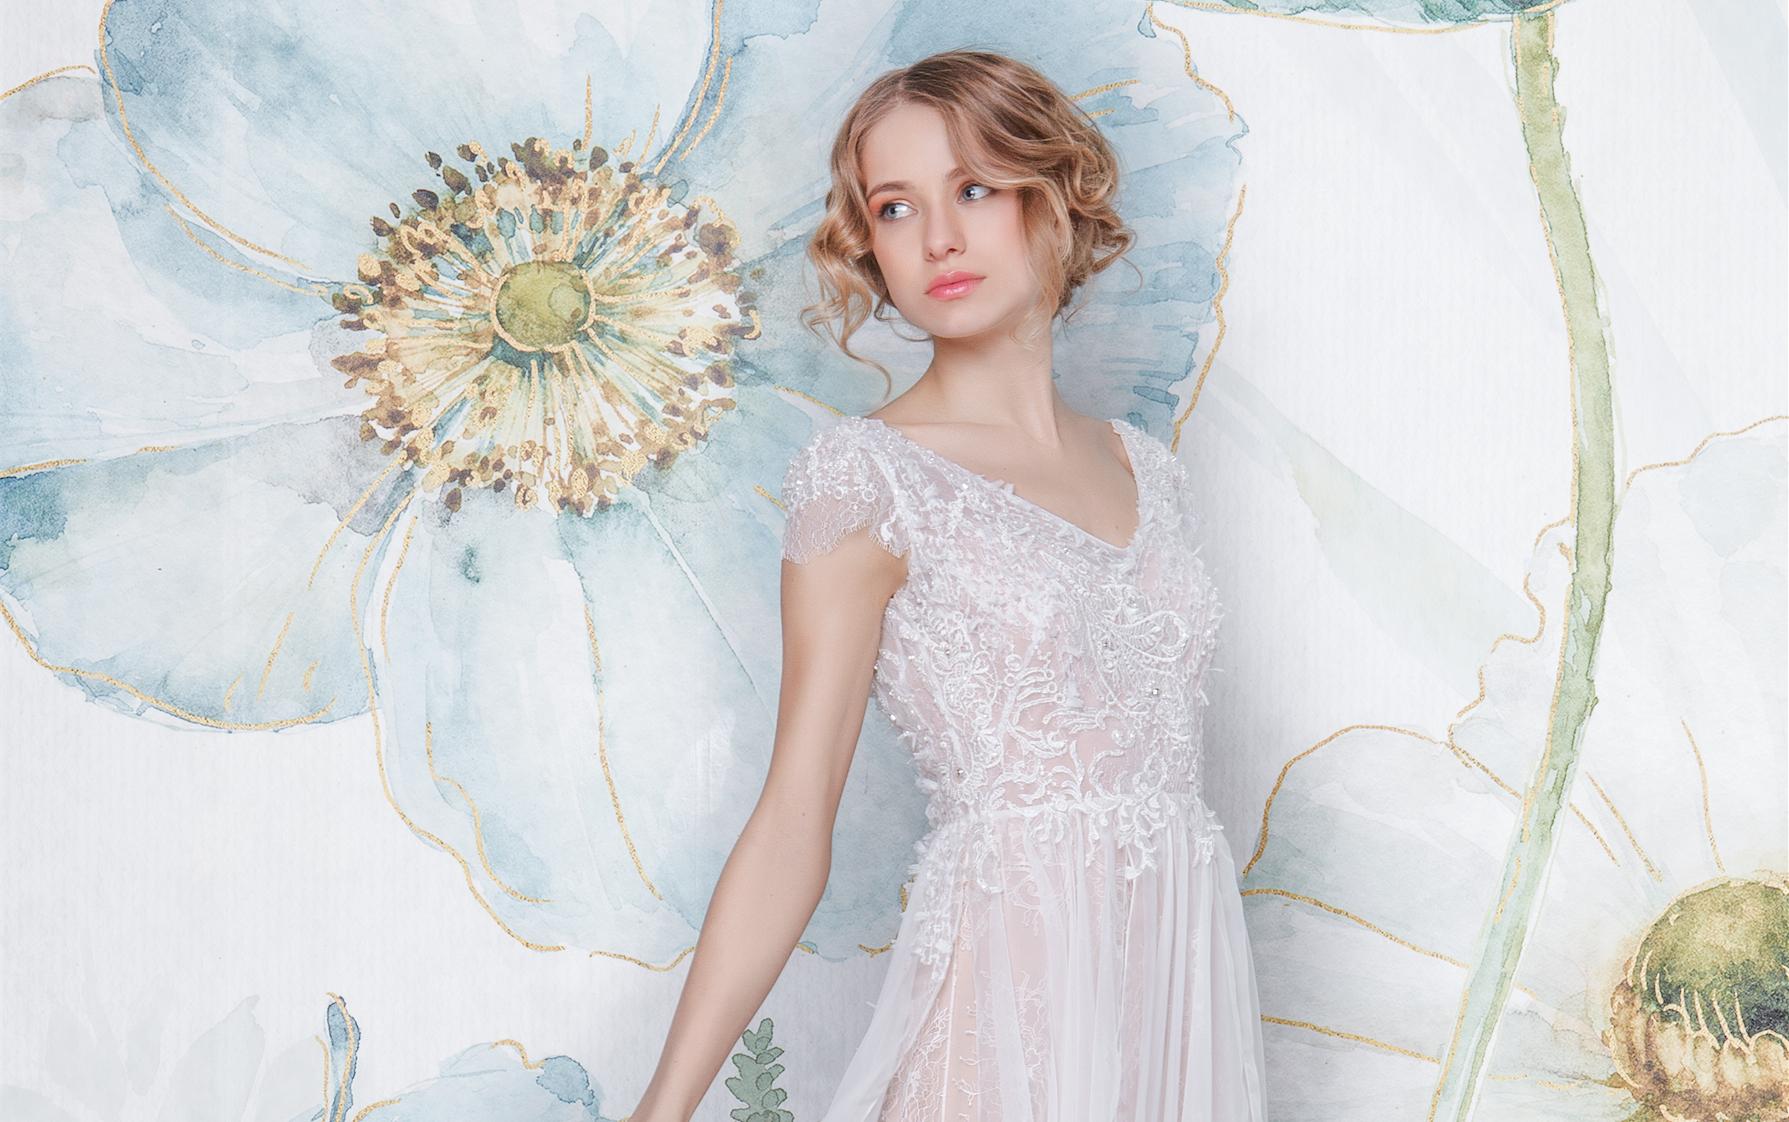 Traumhafte Brautmode im Vintage- & Bohemian-Stil bei Jolie Fashion & Braut